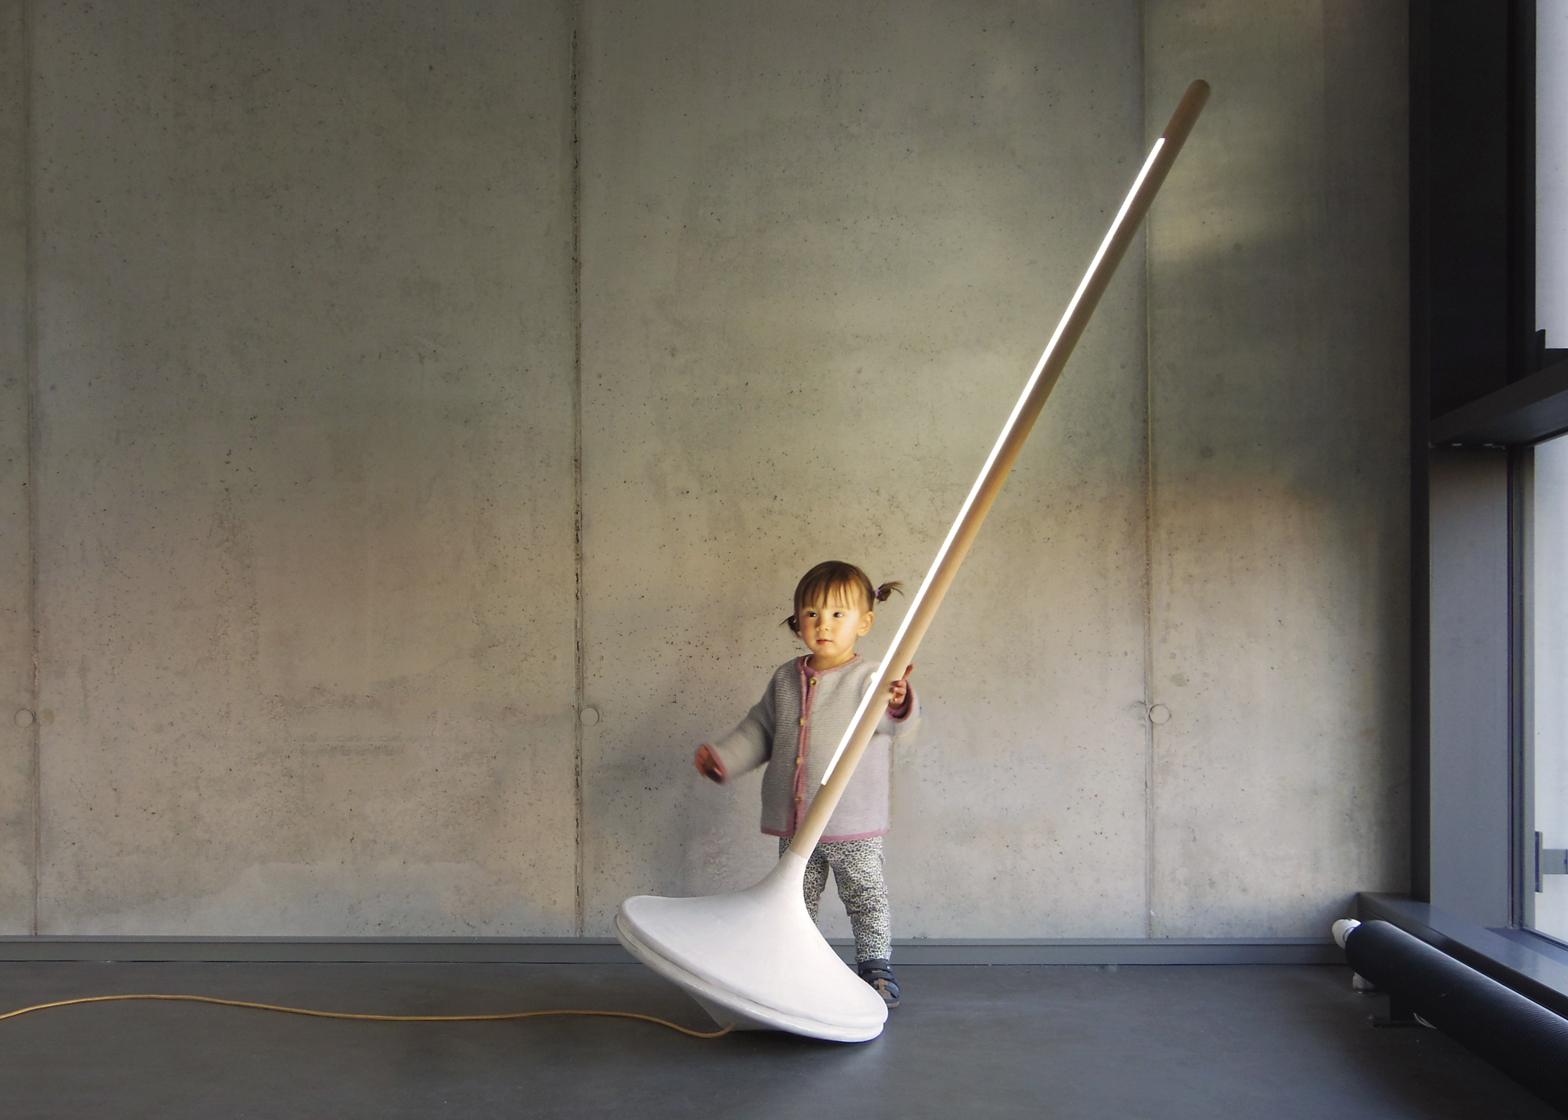 Ewan_Cashman-Pumpal-lamp-hisheji (1)